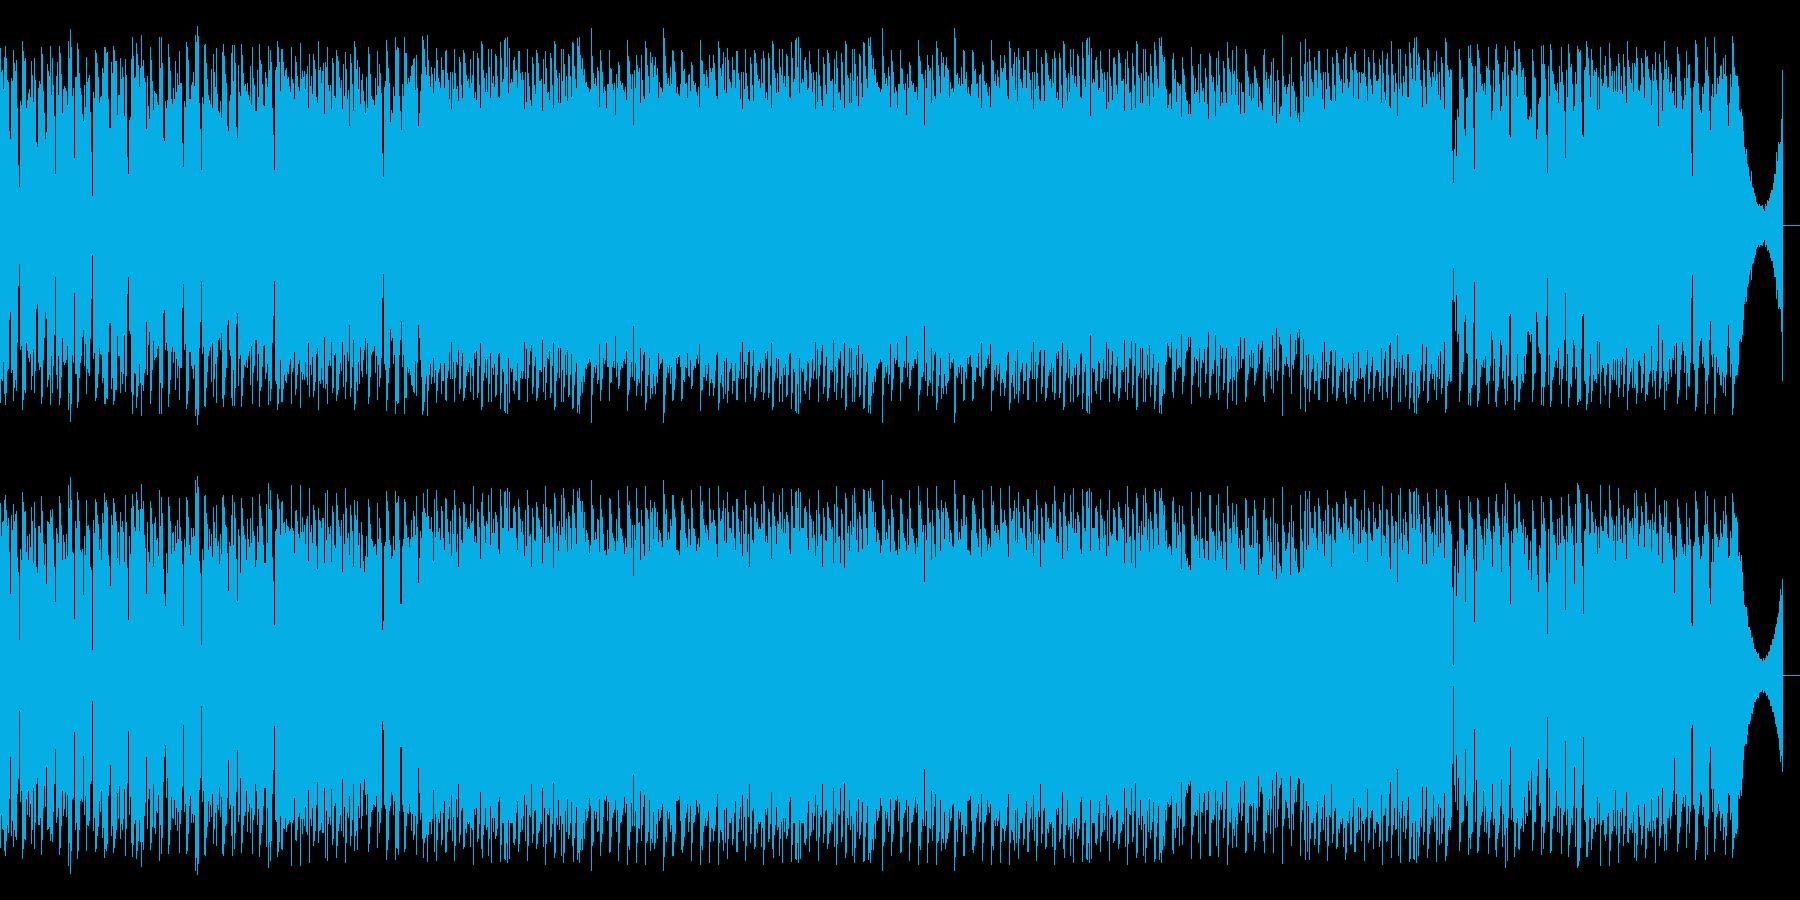 化学系医療系のシリアスな映像用BGMの再生済みの波形